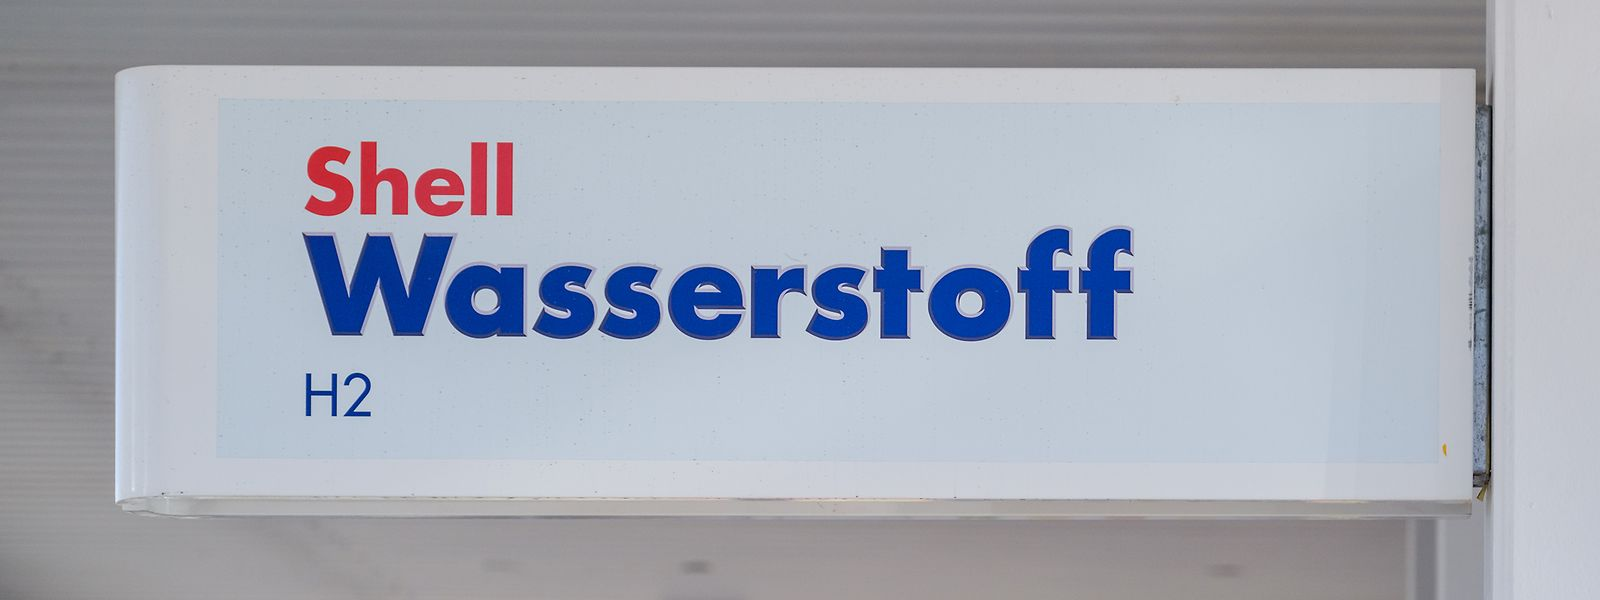 Im Nachbarland Deutschland gibt es derzeit 71 H2-Tankstellen; bis 2020 sollen es 100 sein.